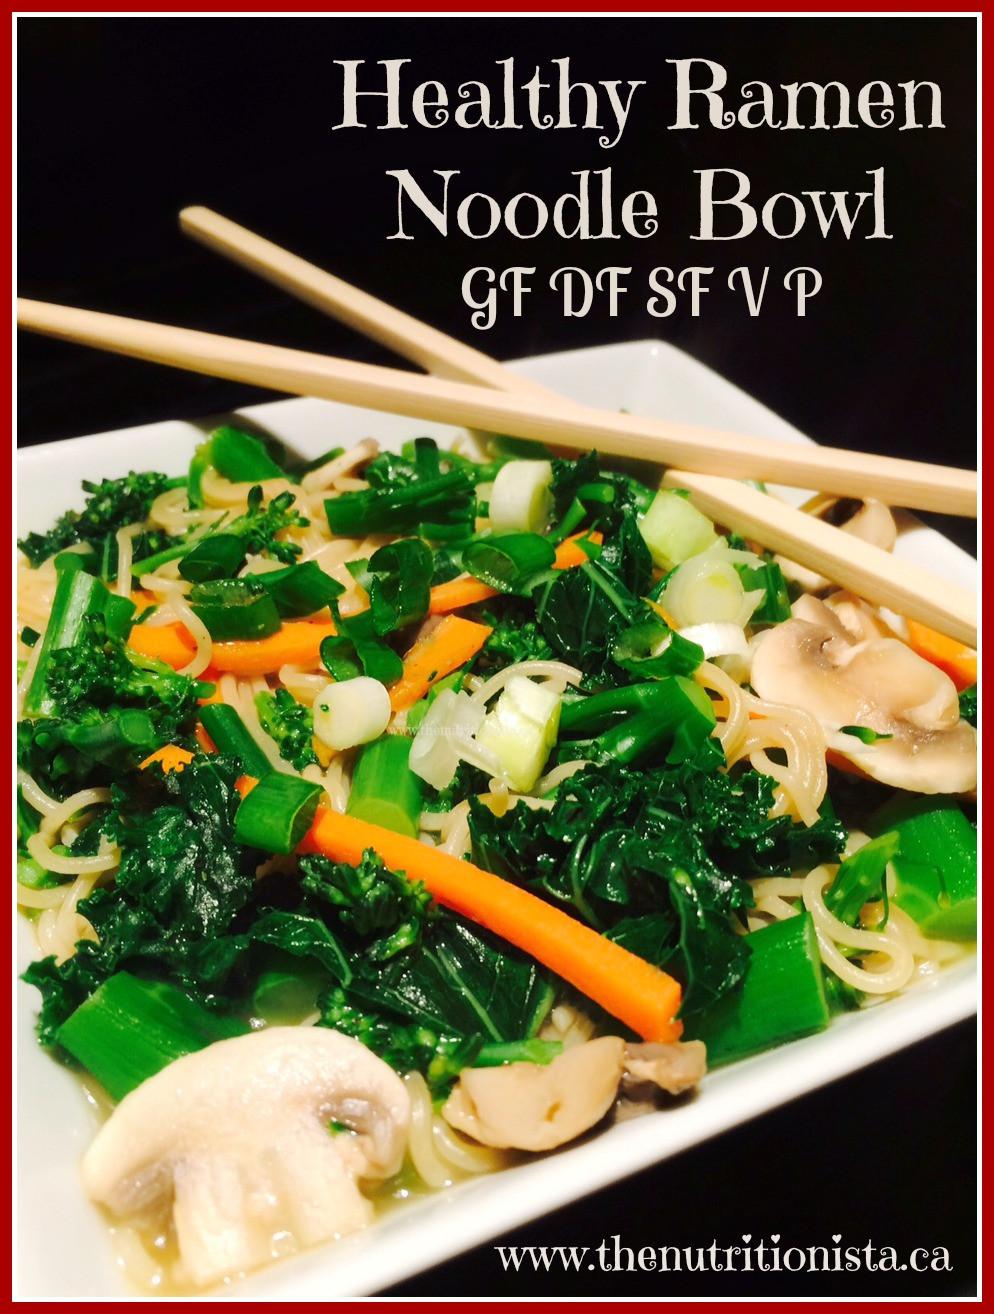 Are Ramen Noodles Unhealthy  Healthy Ramen Noodle Bowl Nutritionista